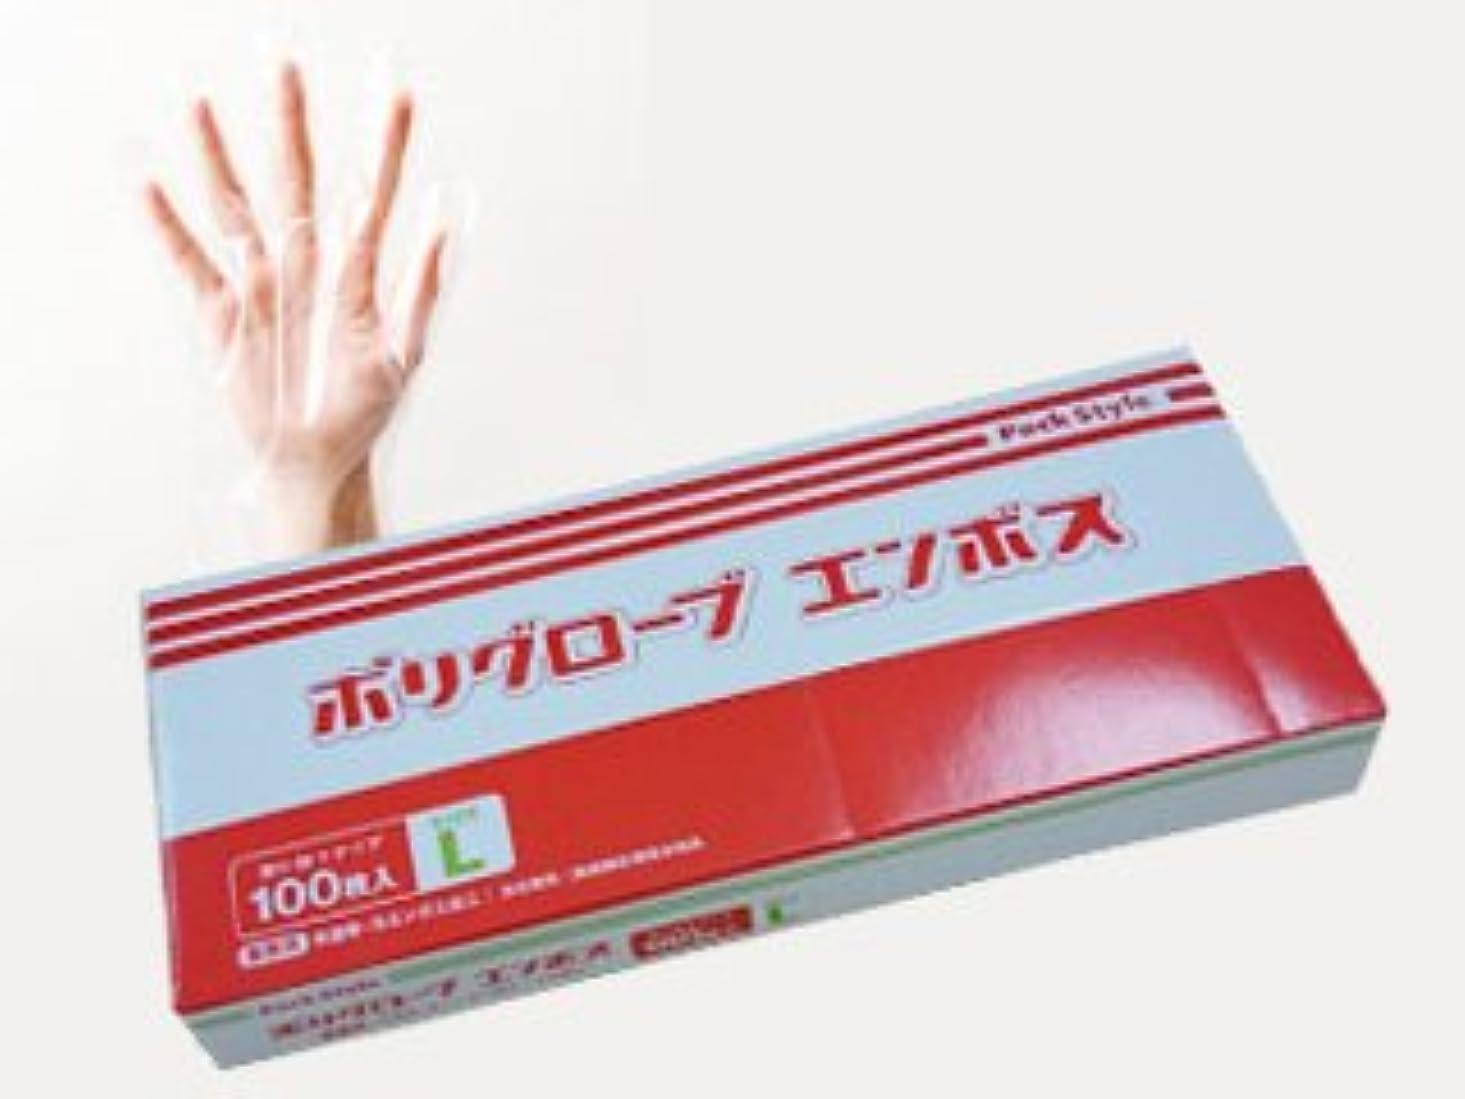 船形睡眠お香パックスタイル 使い捨て ポリ手袋 半透明 箱入 L 100枚 437323